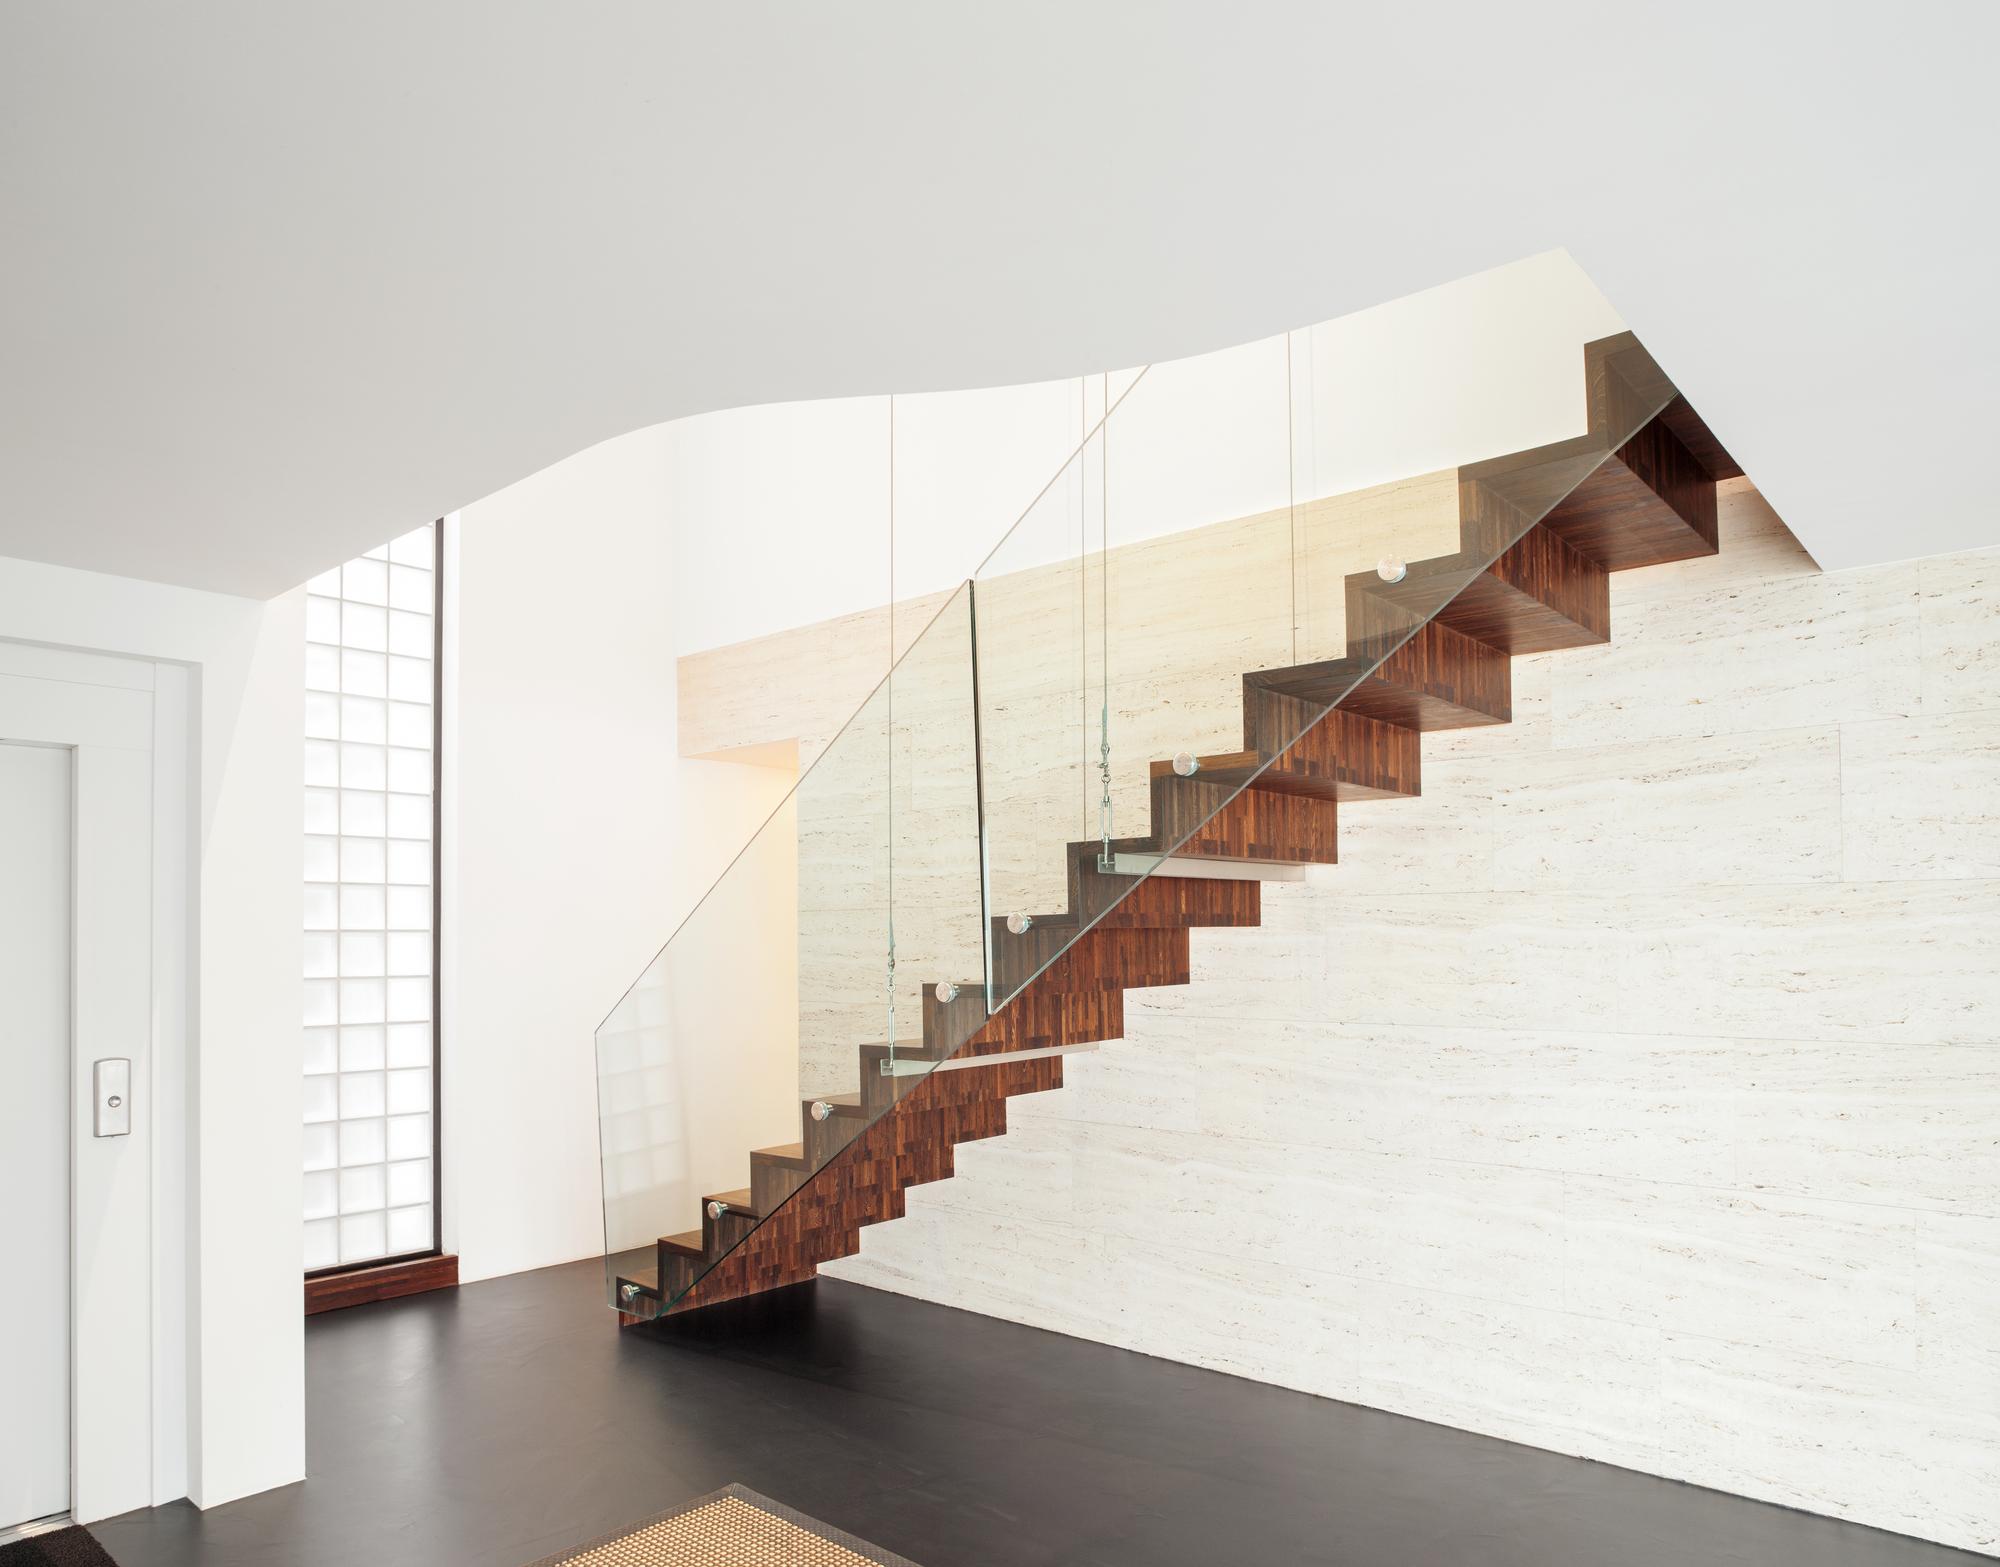 Rivestimenti Scale Interne Gres Porcellanato scale interne moderne - prezzi, progettazione e finiture